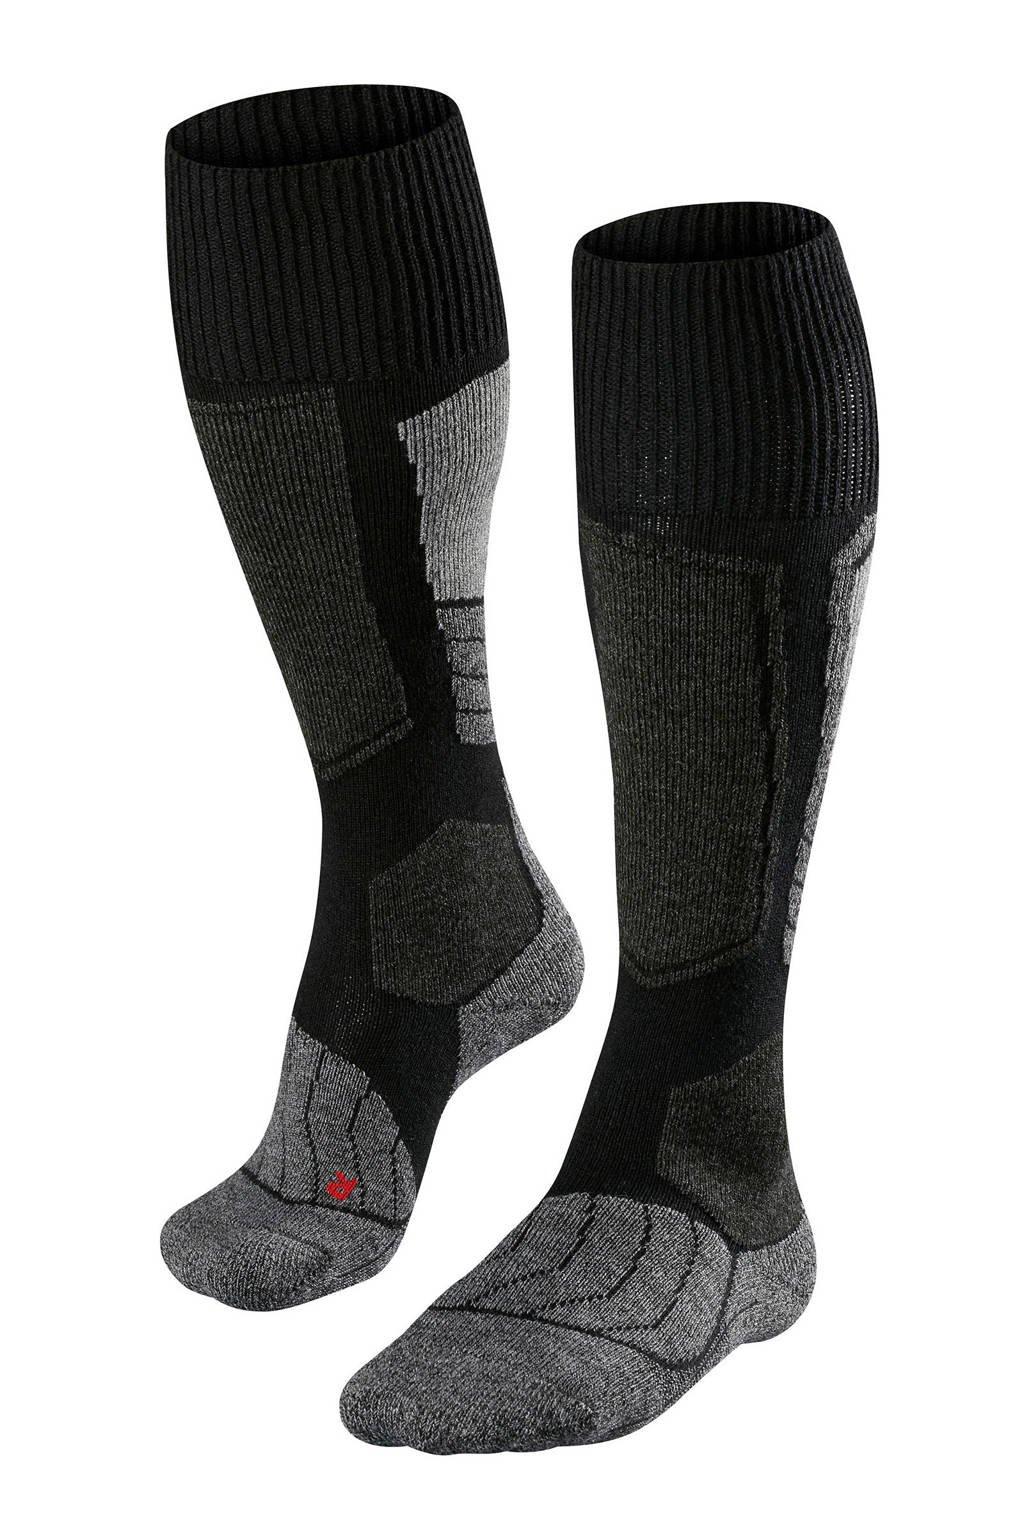 FALKE SK1 skisokken zwart, Zwart